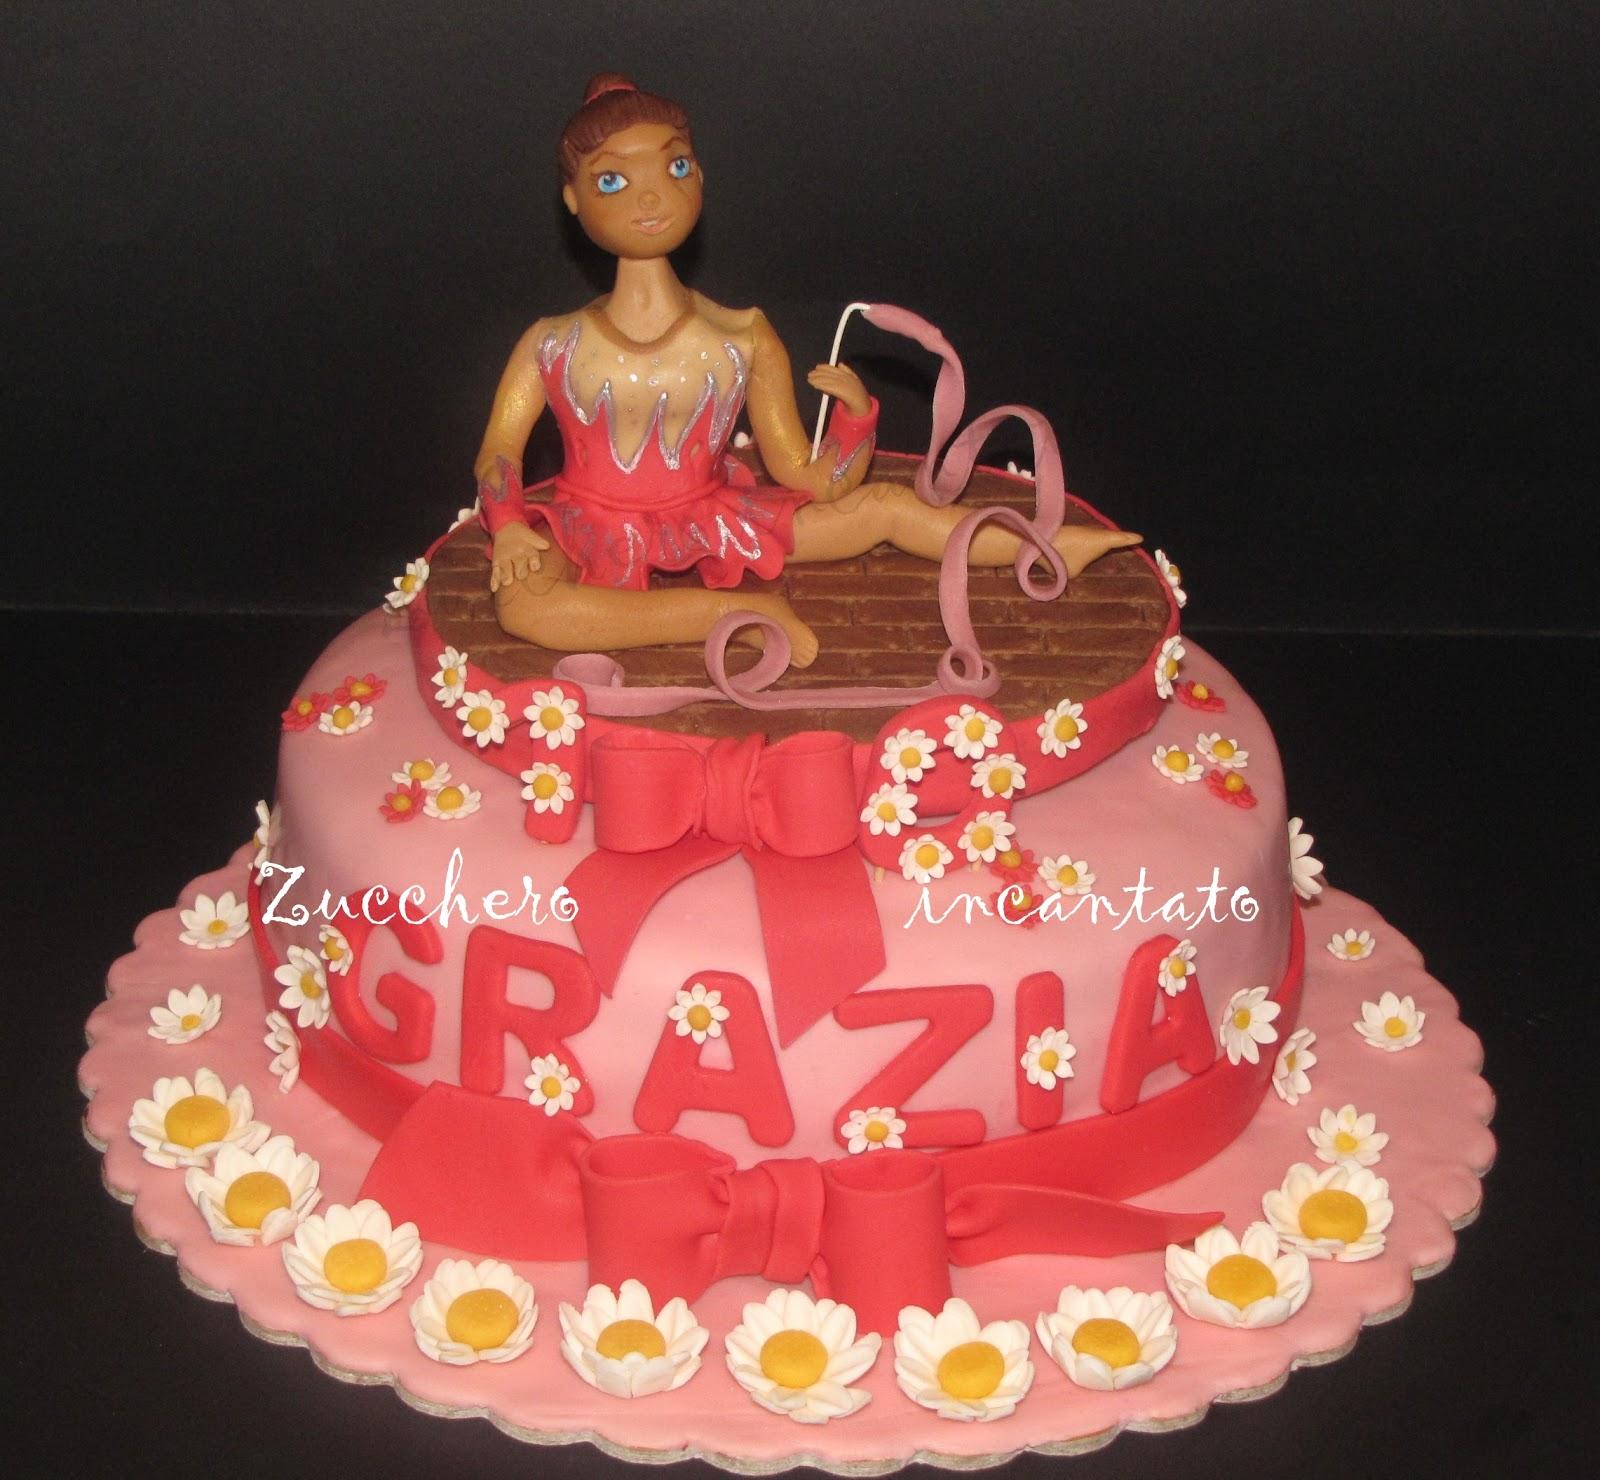 Torta ginnastica ritmica for Decorazione torte ginnastica ritmica